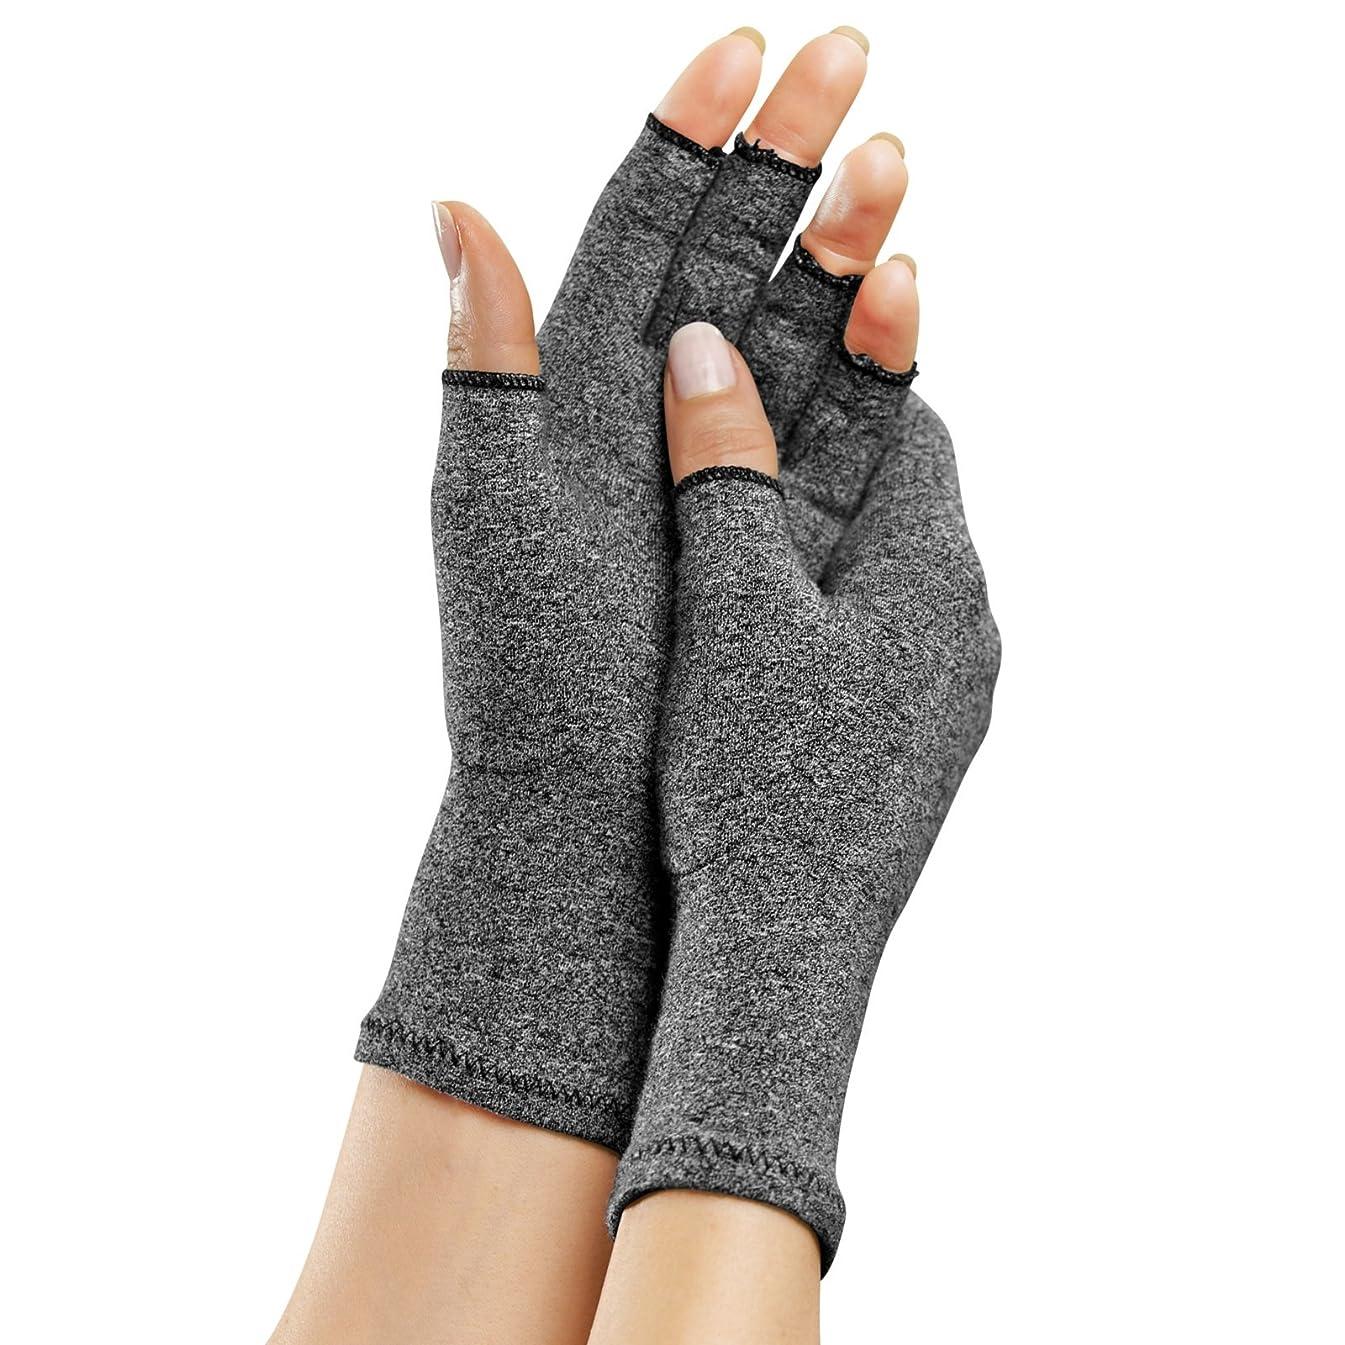 IMAK Gloves, Large, Gray